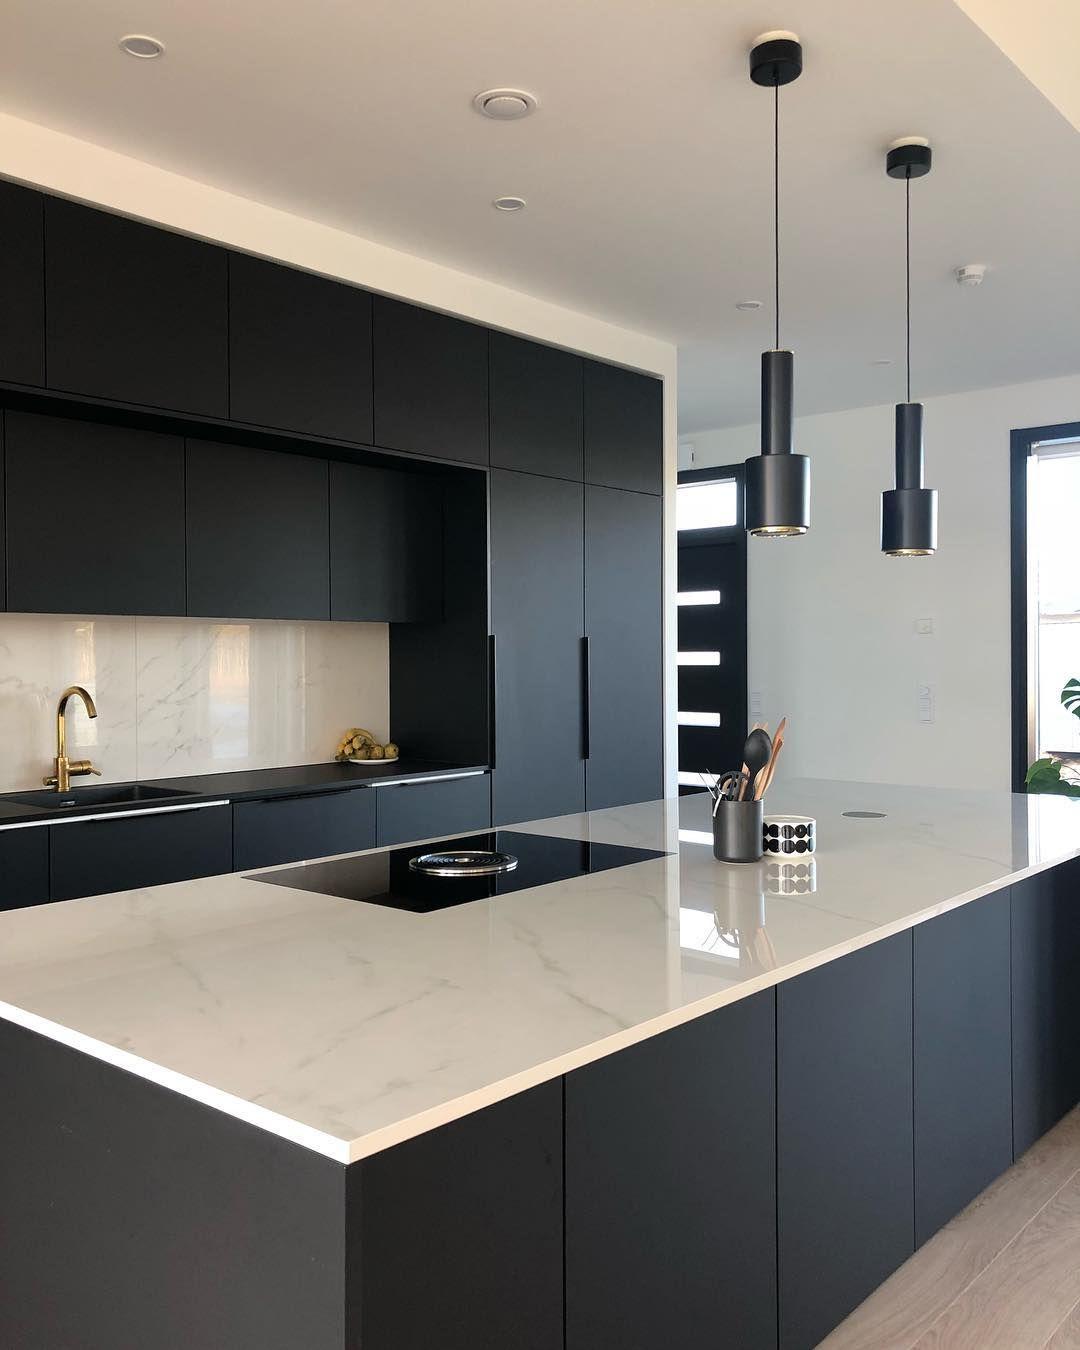 Pin Von Wolfgang Binter Auf Einrichtung Stilvolle Kuche Deko Tisch Haus Interieu Design